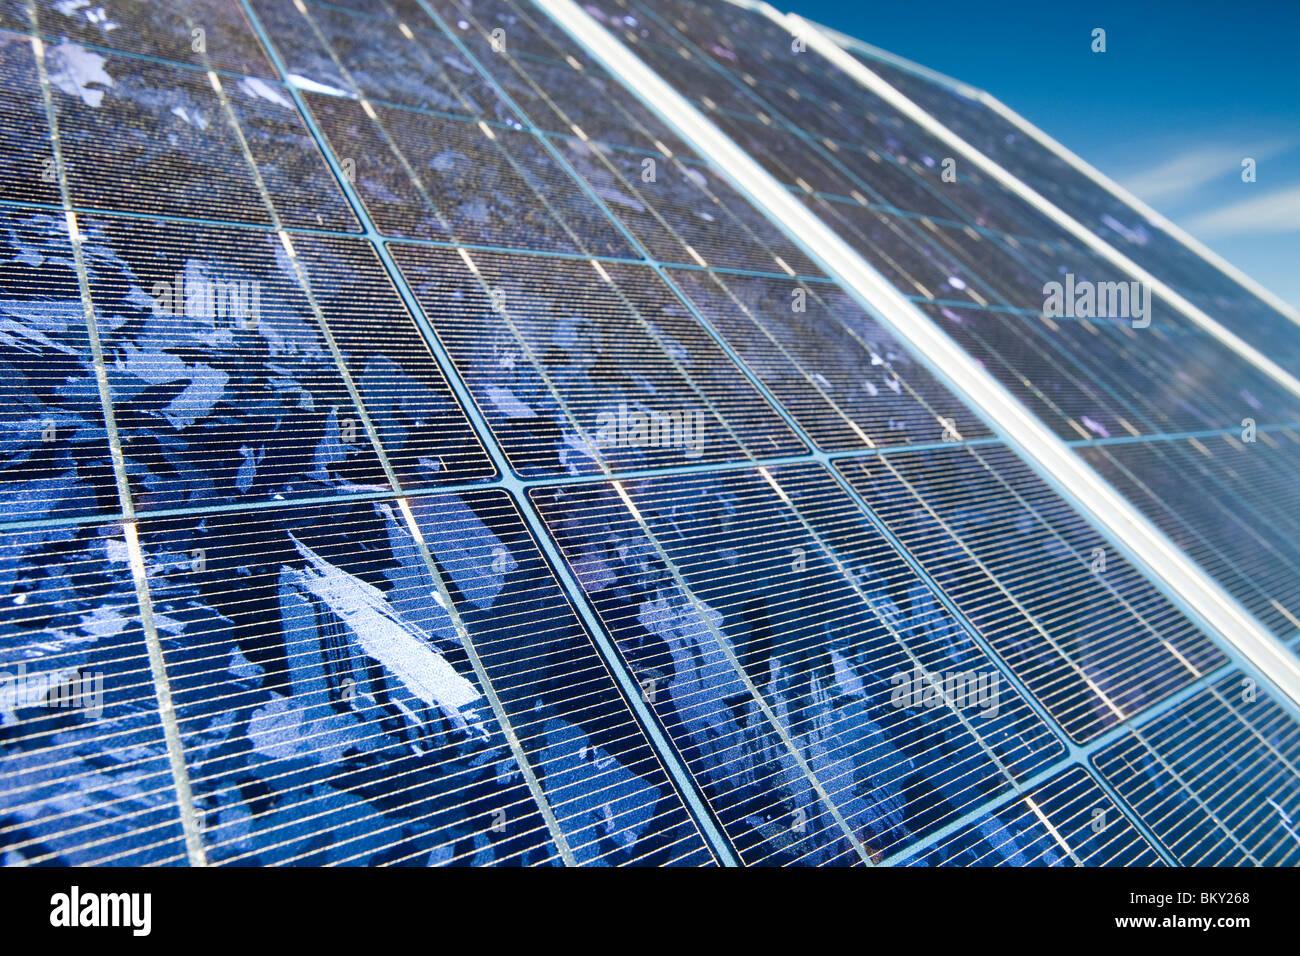 Los paneles solares que se utilizan para generar electricidad para alimentar los equipos científicos como parte Imagen De Stock